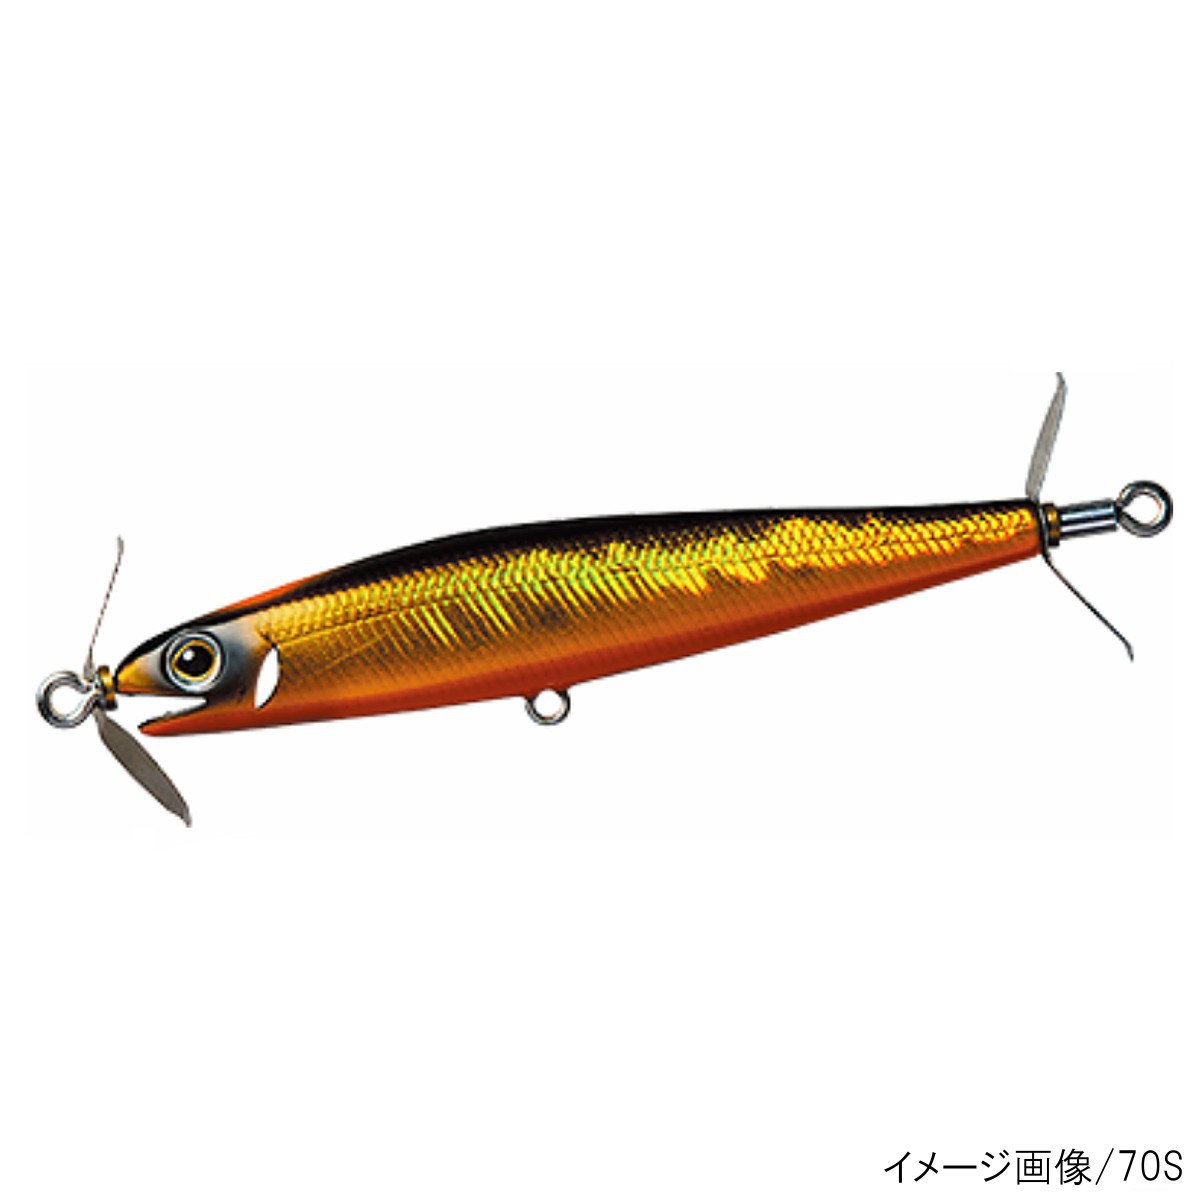 ダイワ ガストネード 110S クロキン(東日本店)